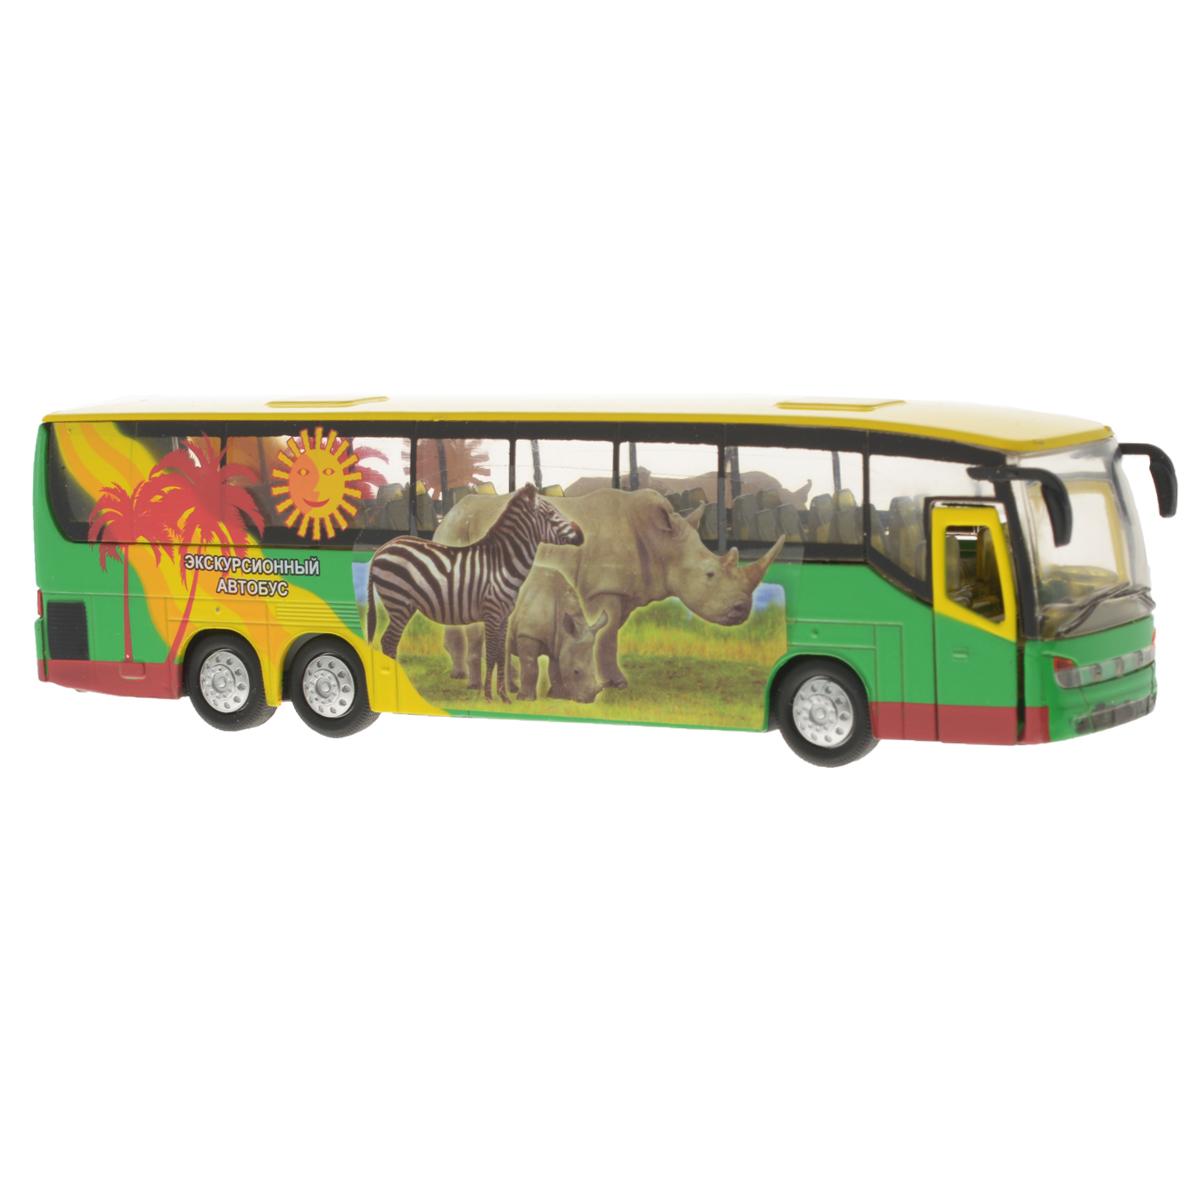 Игрушка инерционная ТехноПарк Автобус. CT10-025-1CT10-025-1Инерционная игрушка ТехноПарк Автобус, выполненная из пластика и металла, станет любимой игрушкой вашего малыша. Игрушка представляет собой модель экскурсионного автобуса, оформленного изображением двух носорогов и зебры и рисунком в виде пальм. Дверь, ведущая в салон, и багажное отделение открываются. При нажатии на переднюю часть автобуса замигают фары и место водителя и раздастся звук работающего двигателя. Игрушка оснащена инерционным ходом. Автобус необходимо отвести назад, затем отпустить - и он быстро поедет вперед. Прорезиненные колеса обеспечивают надежное сцепление с любой гладкой поверхностью. Ваш ребенок будет часами играть с этой игрушкой, придумывая различные истории. Порадуйте его таким замечательным подарком! Автобус работает от батареек (товар комплектуется демонстрационными).